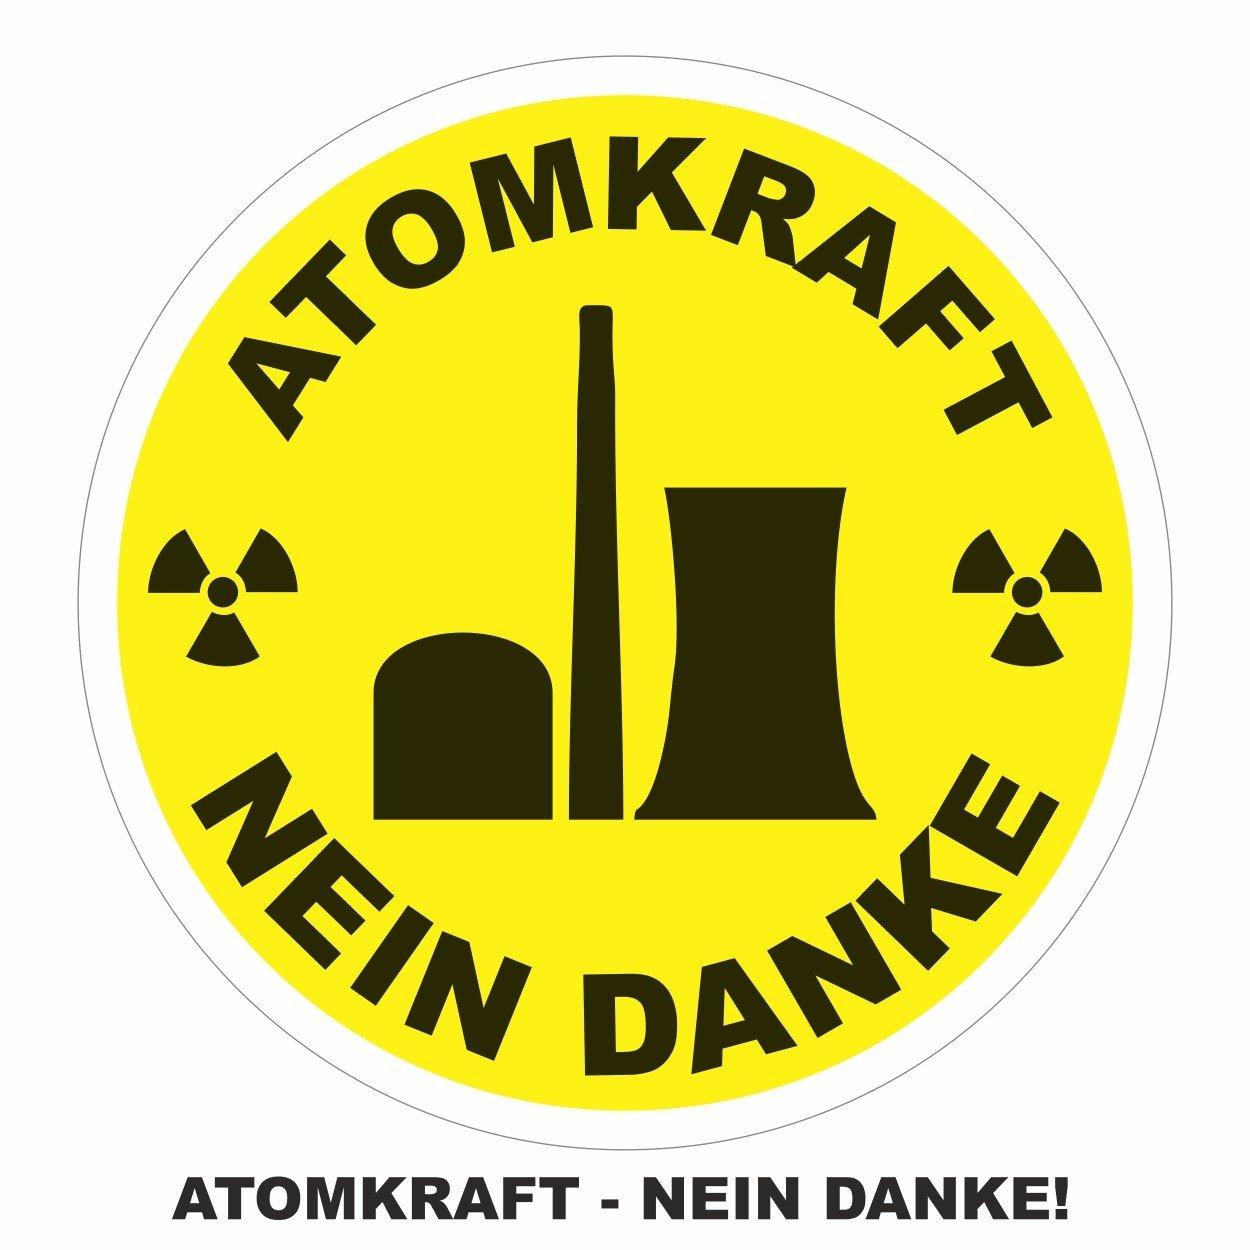 Aufkleber Atomkraft Nein Danke